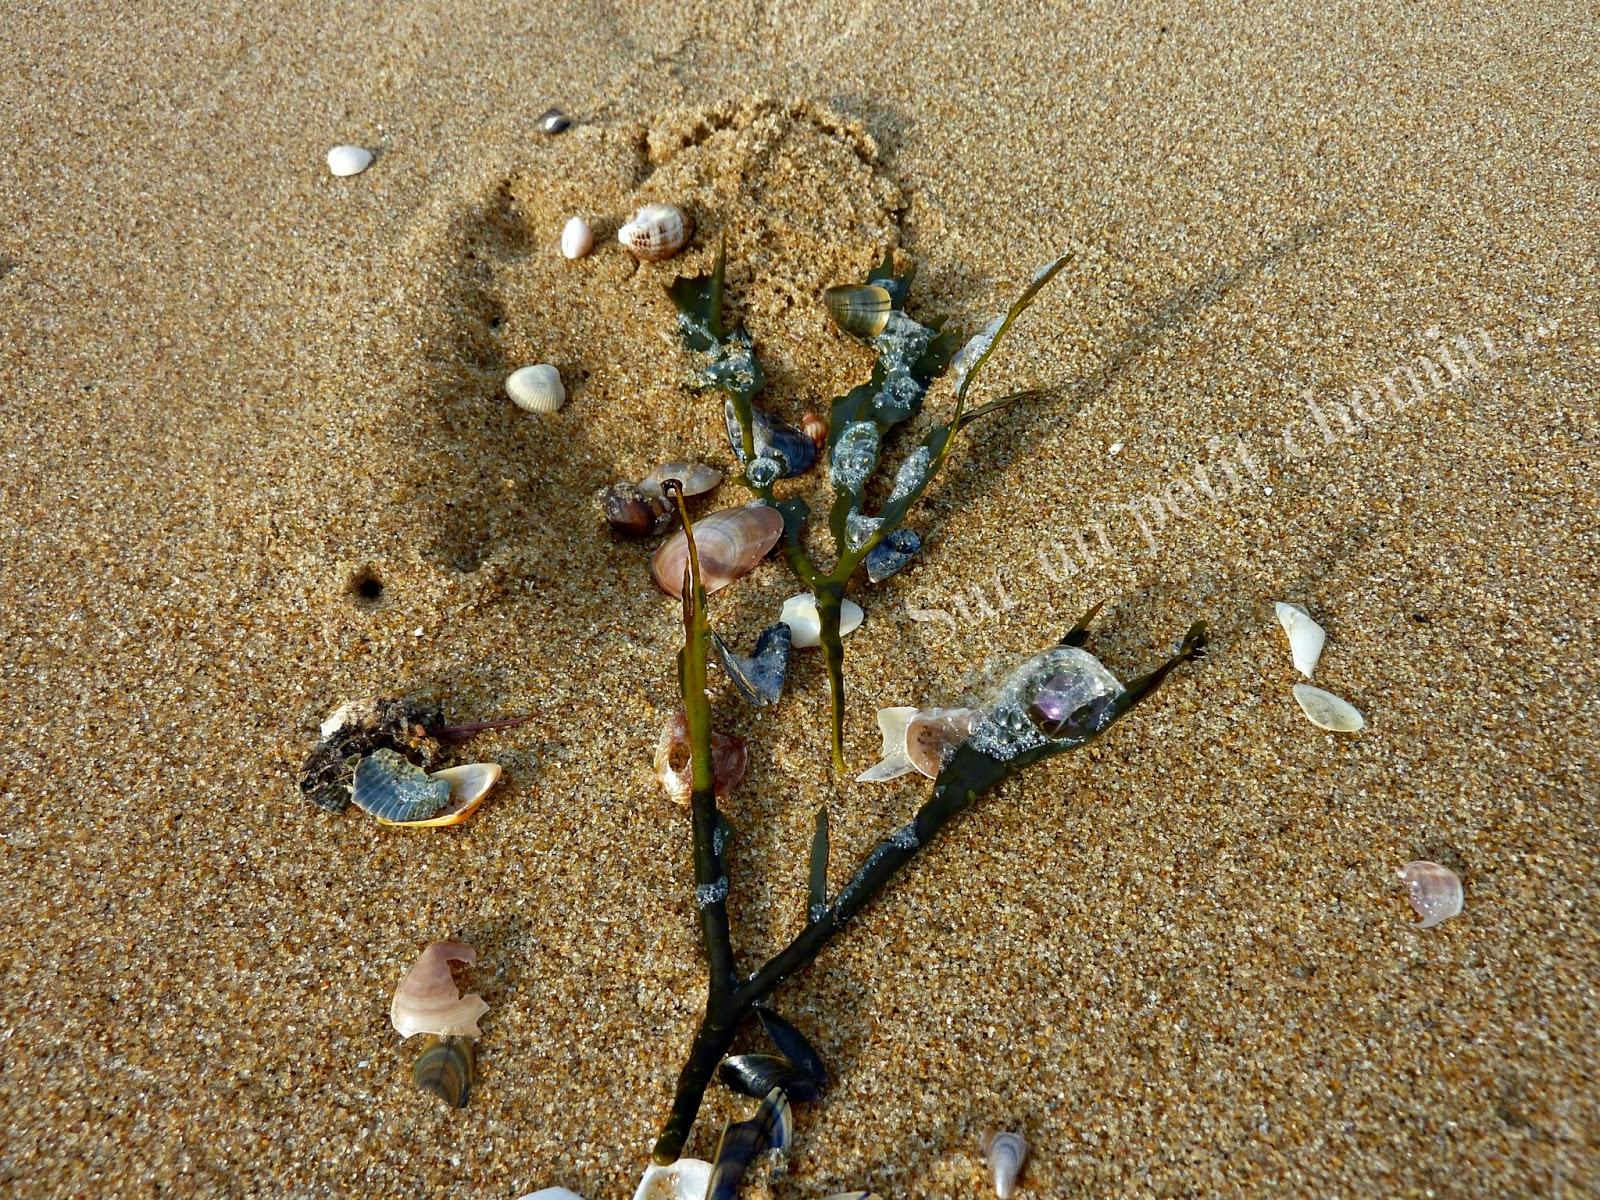 Un bouclier de protection autour du petit coquillage - Grande Plage de Saint Gilles Croix-de-Vie en Vendée